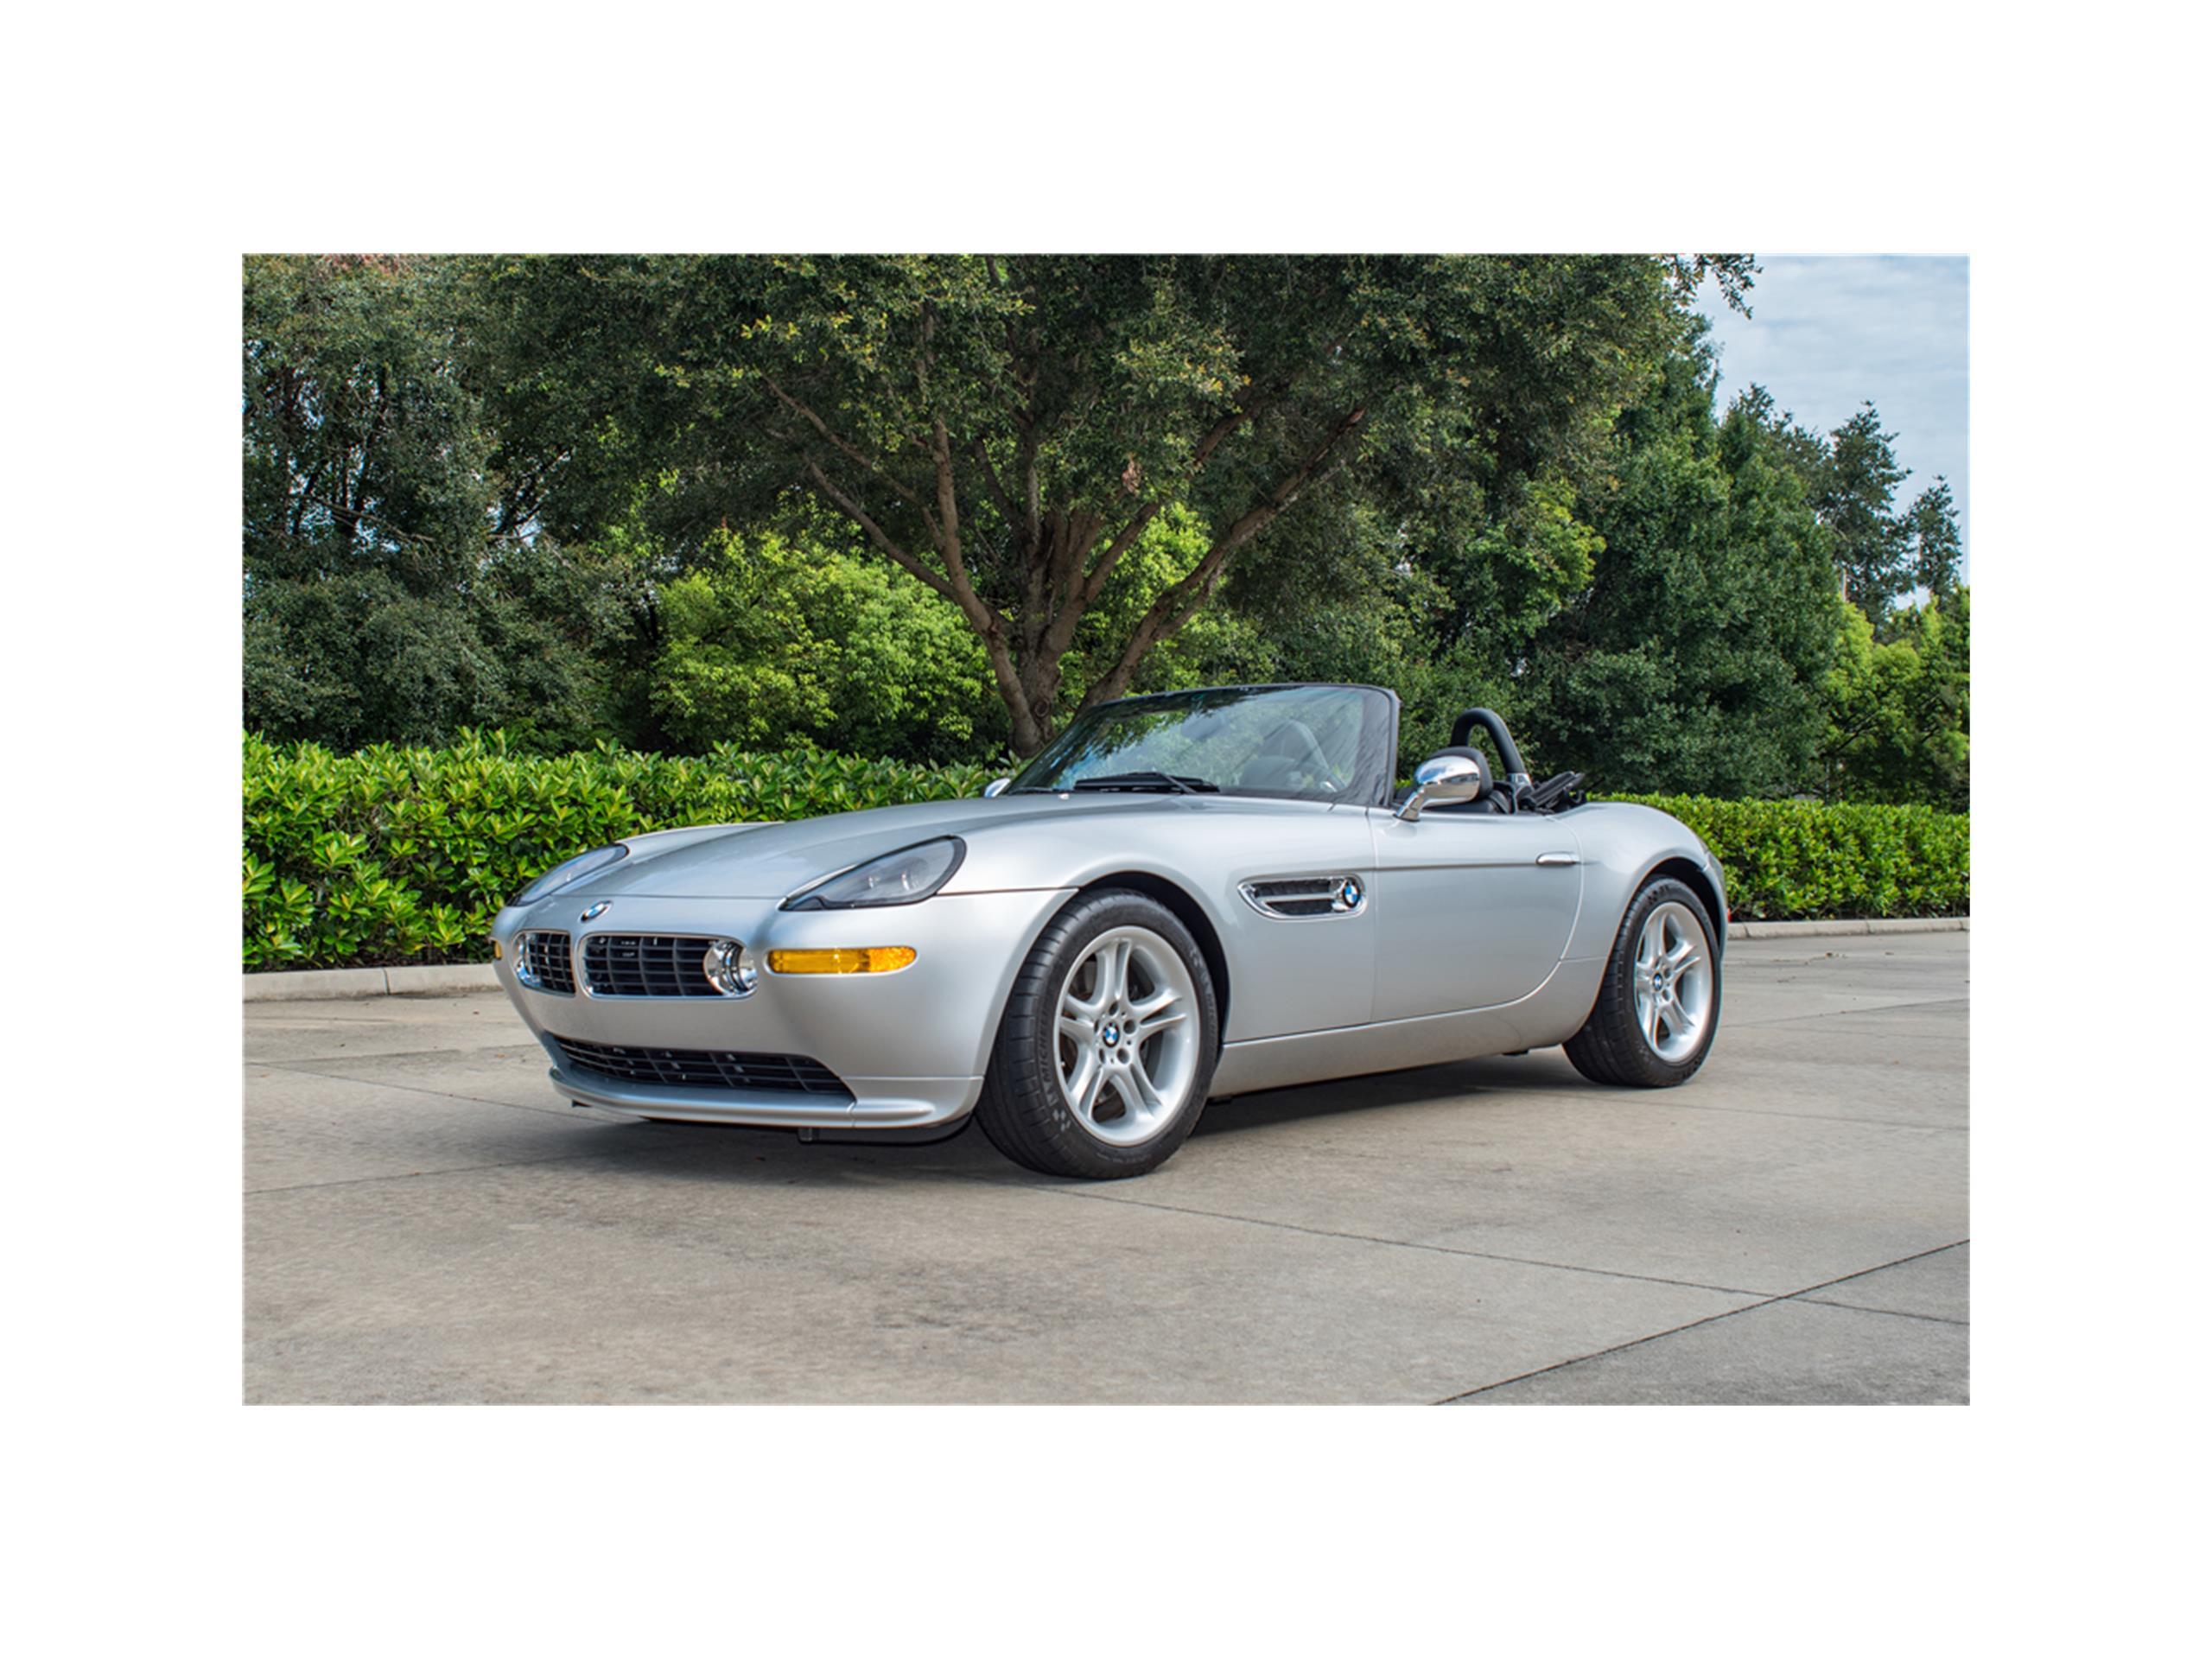 bmw z8owners manual owners manual book u2022 rh userguidesearch today BMW Z10 BMW Z3